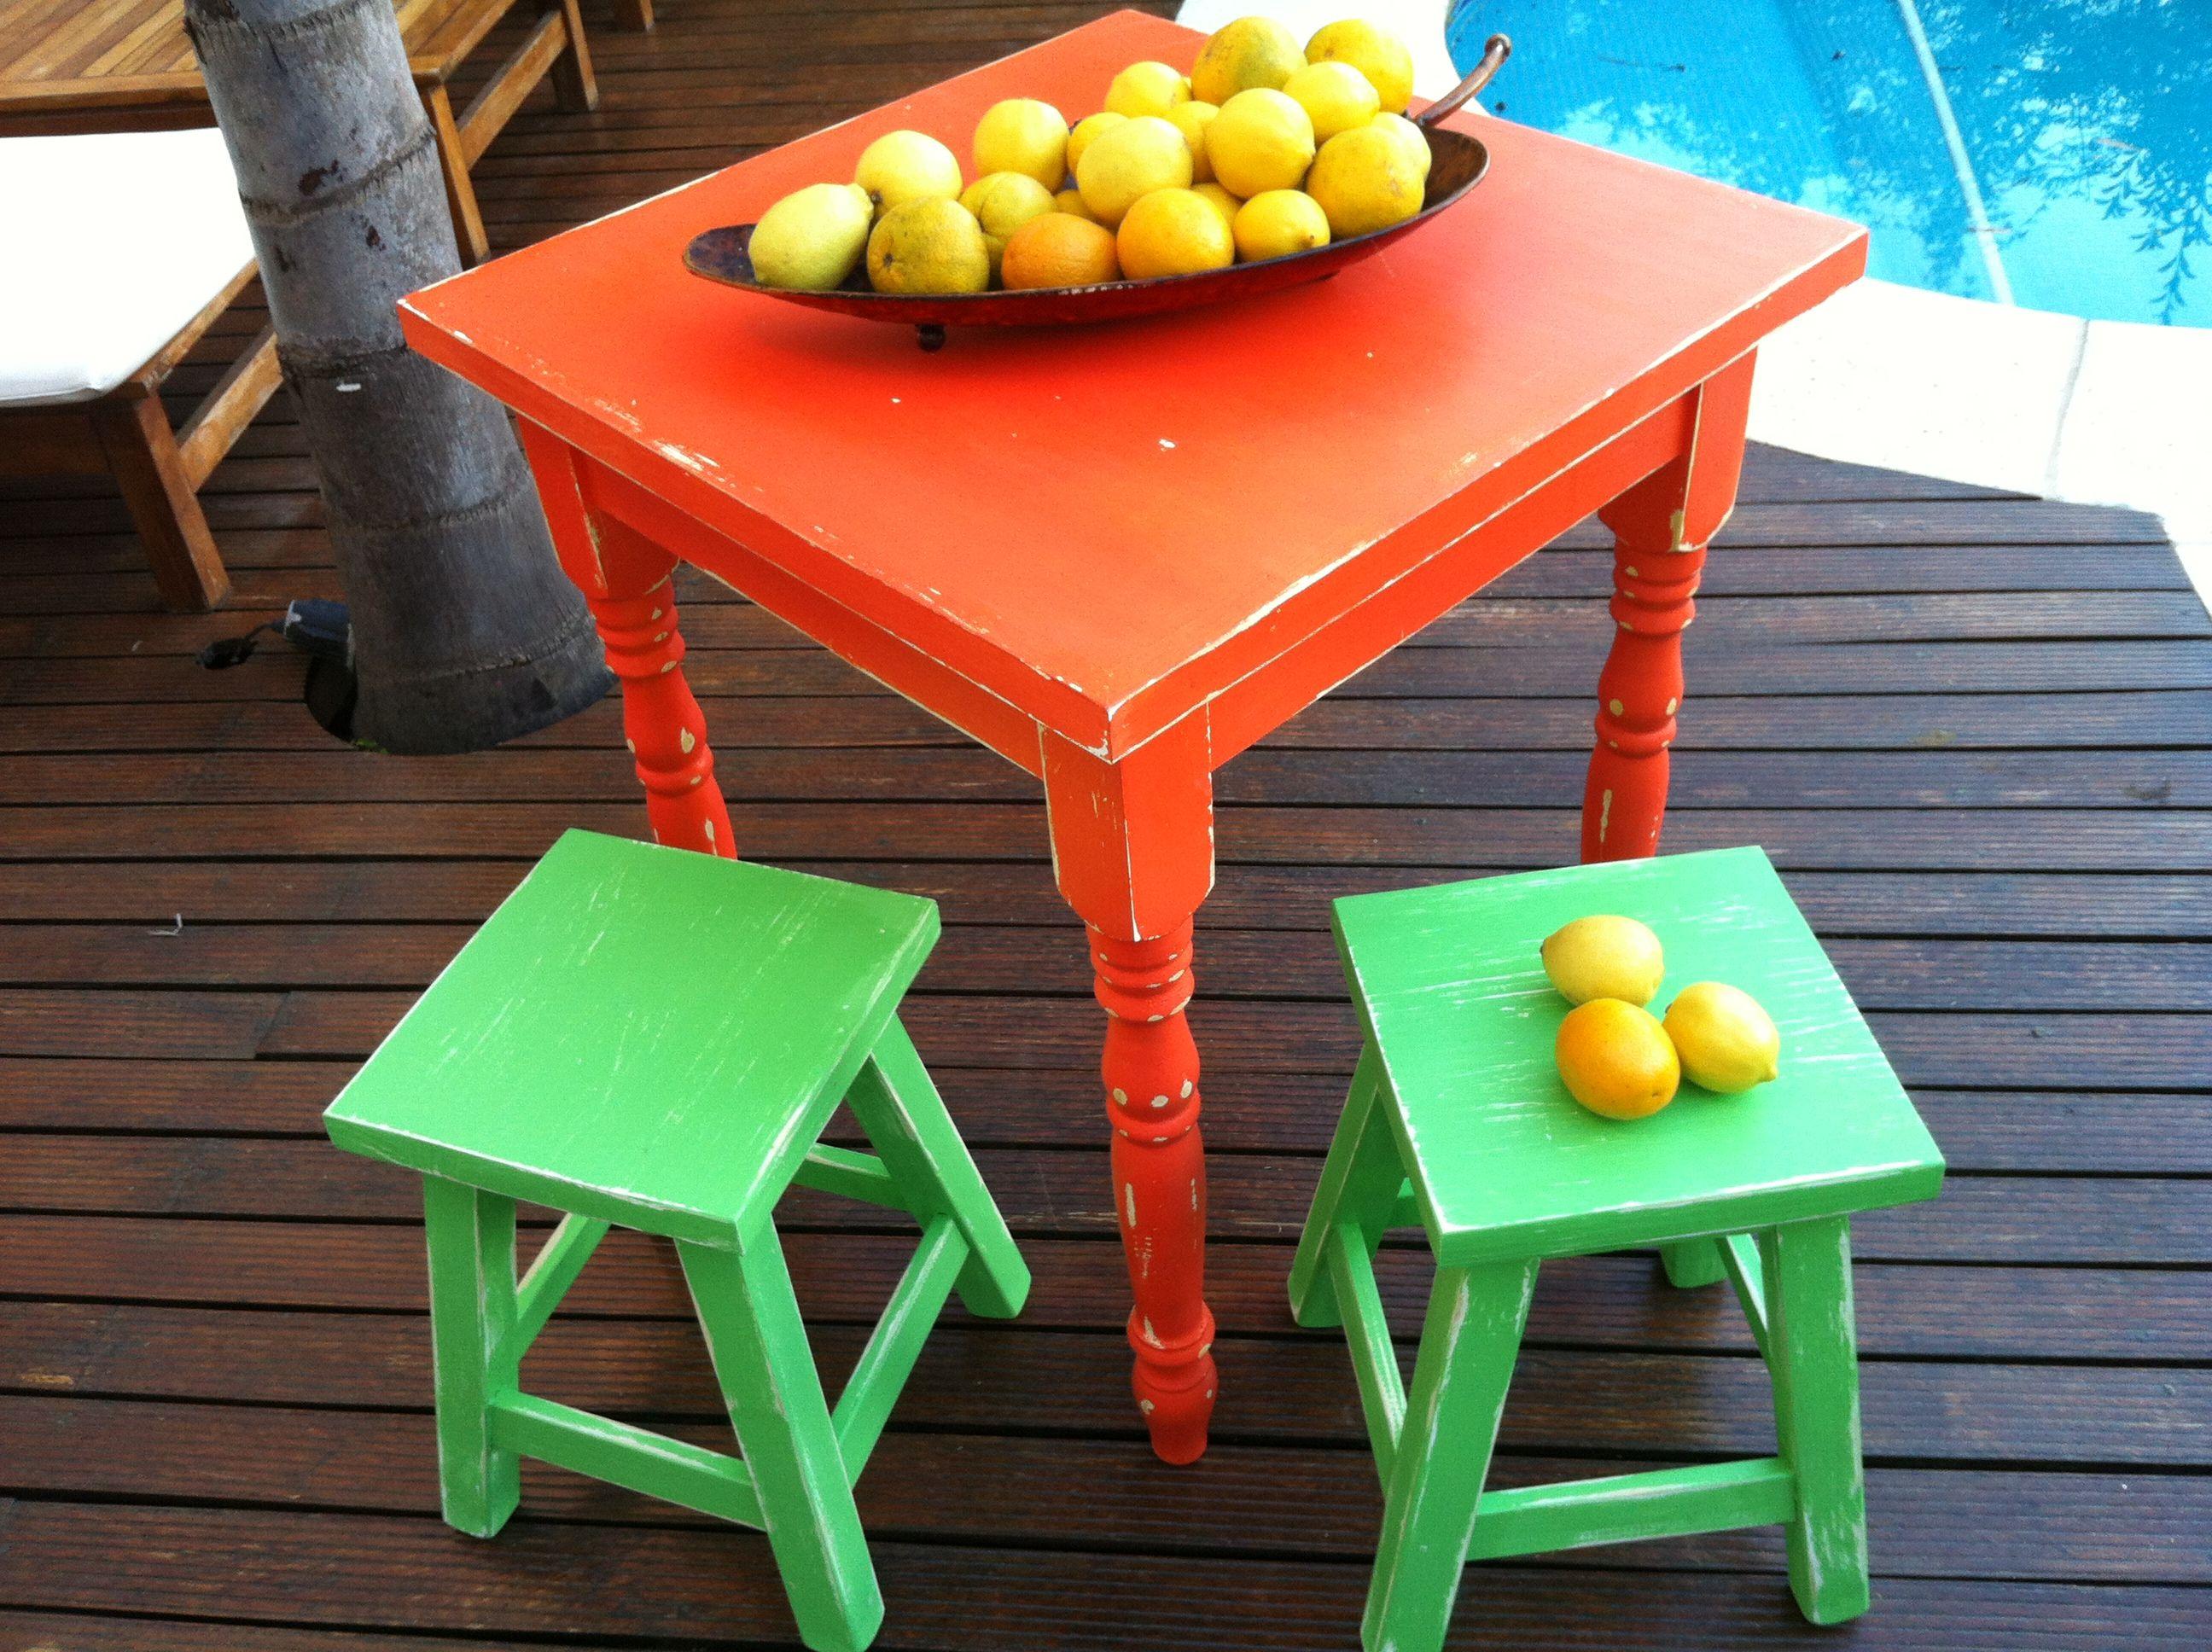 Mesa de campo naranja bancos verdes pintados a mano - Mesas de campo ...